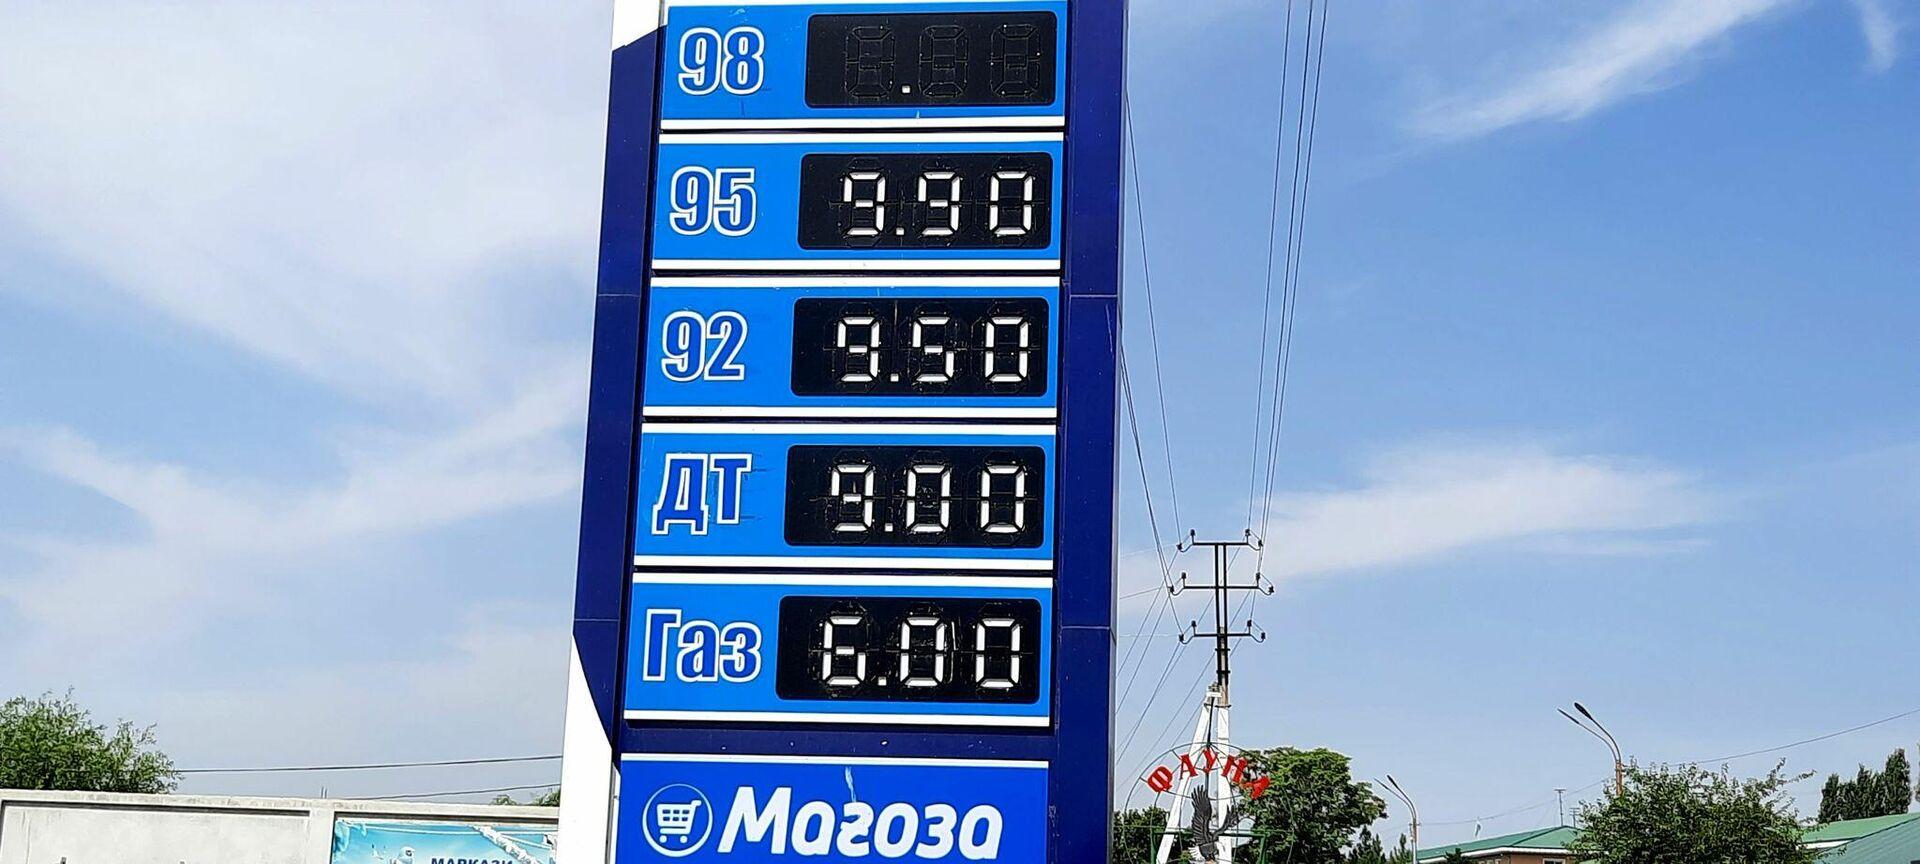 Цены на топливо в Таджикистане на 31 июля 2021 года - Sputnik Тоҷикистон, 1920, 31.07.2021